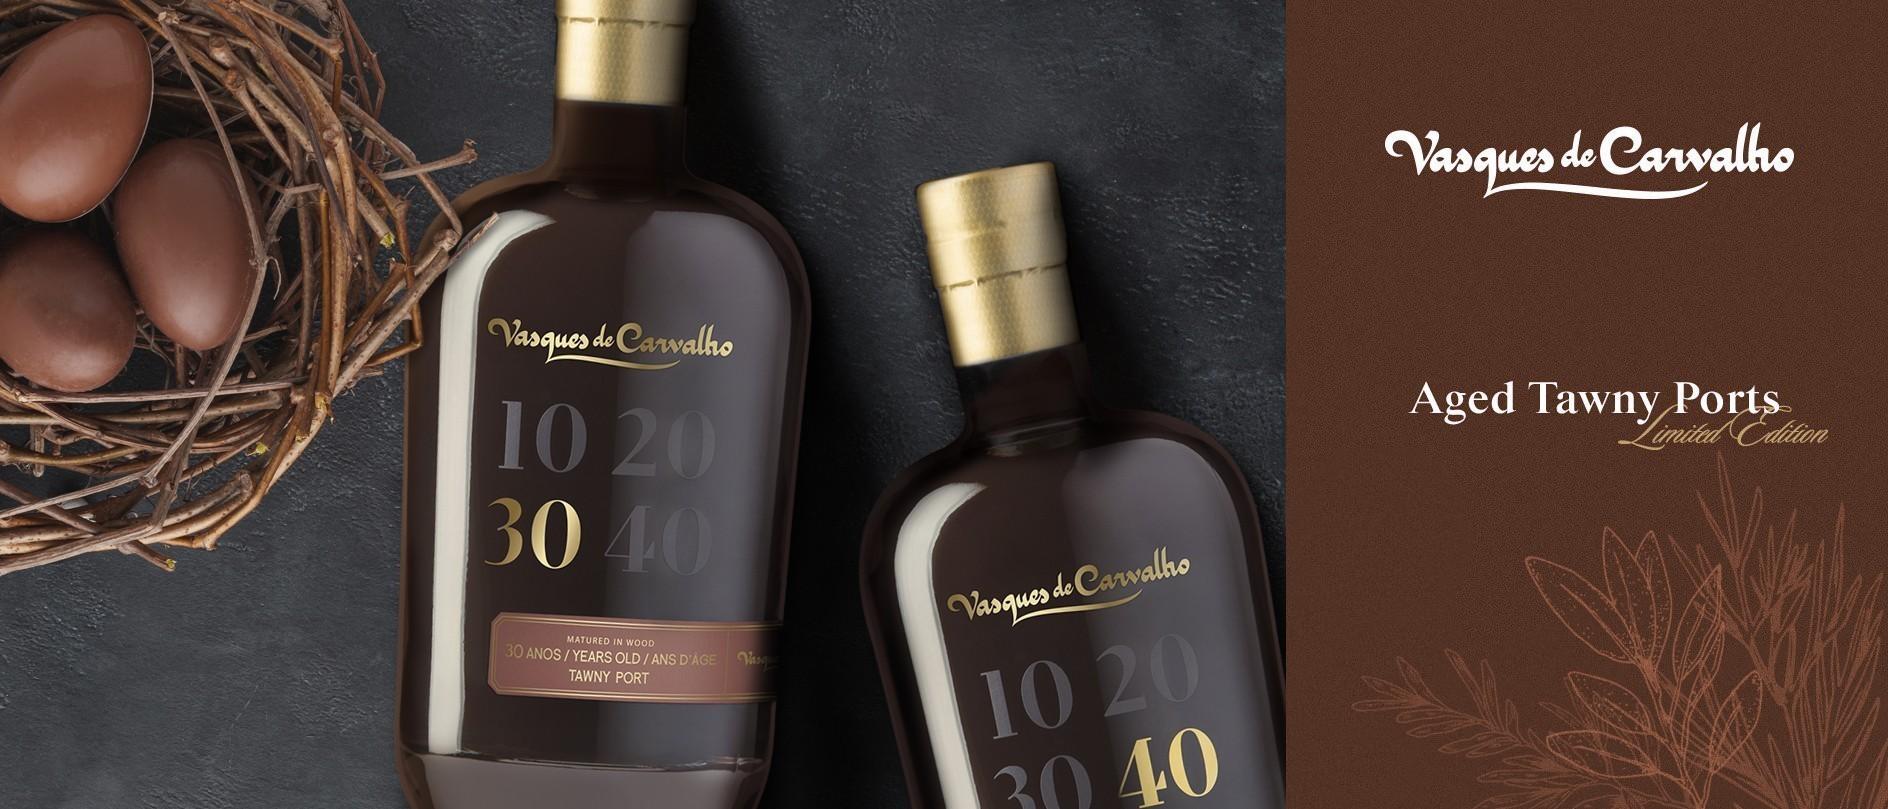 Vinho do Porto Vasques de Carvalho